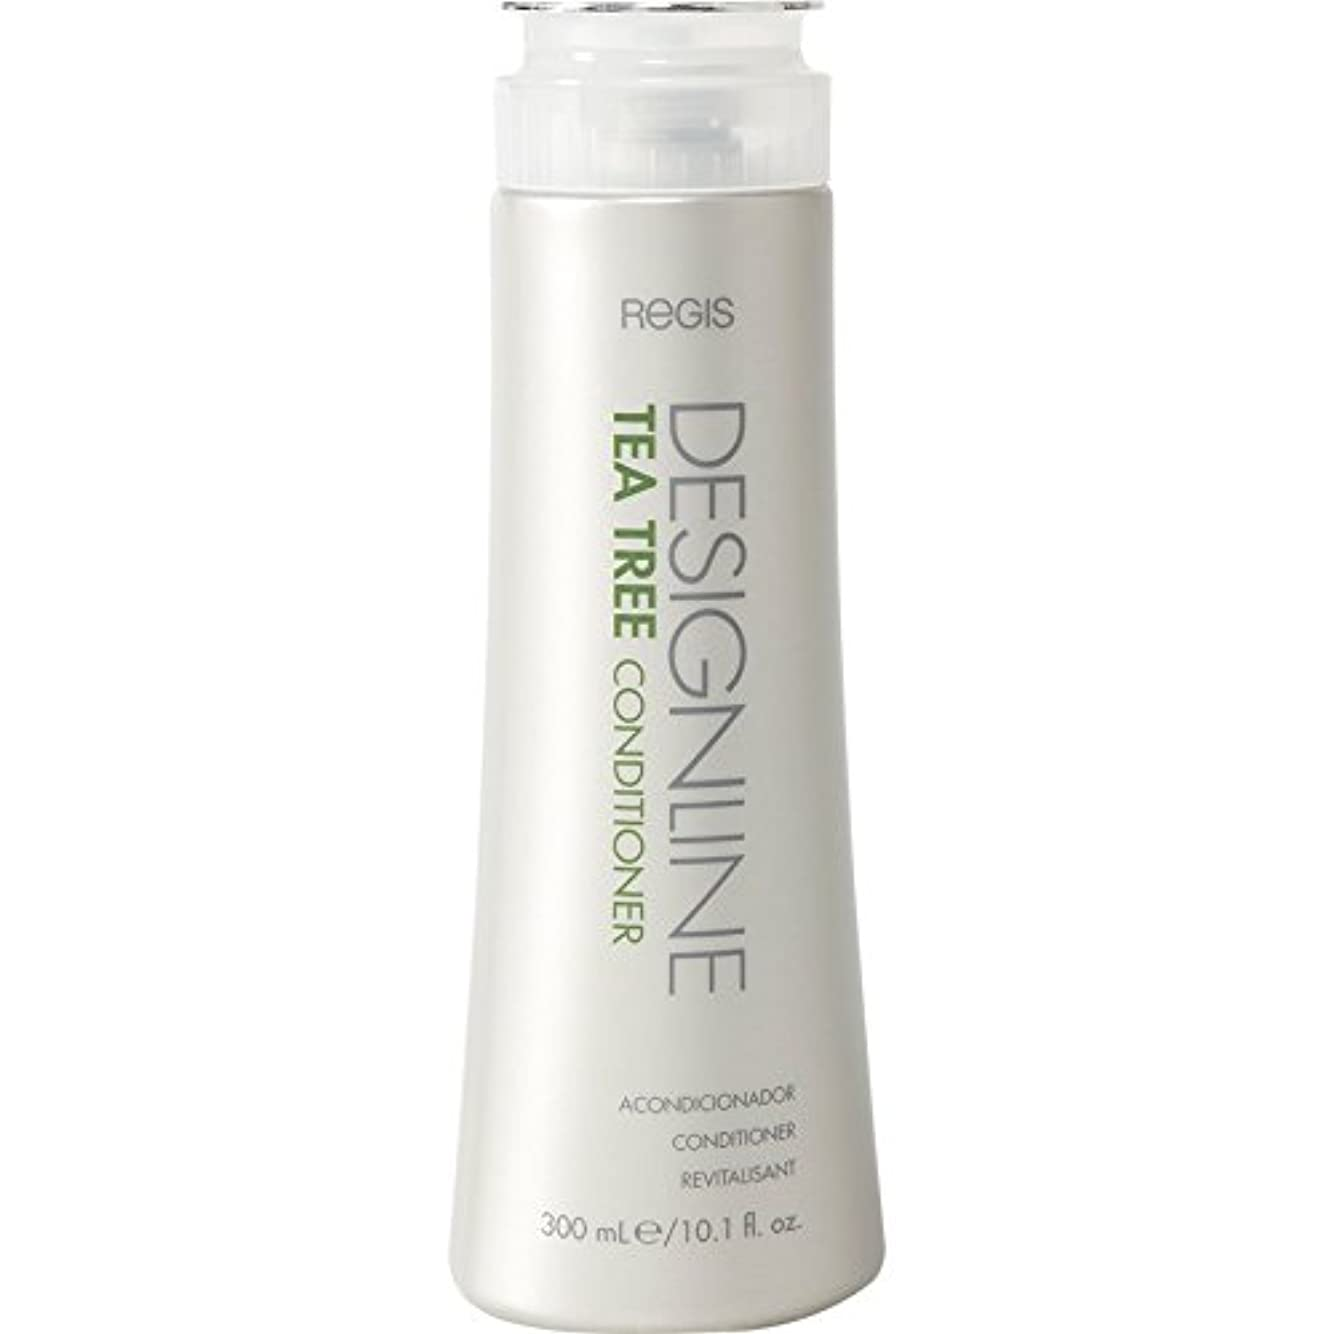 DESIGNLINE ティーツリーコンディショナー、Regis -栄養価の高いビタミンとミネラルを含み、髪に潤いを与え、髪と頭皮のオイルをバランスさせる シャイン、ソフトネス、および管理性 用